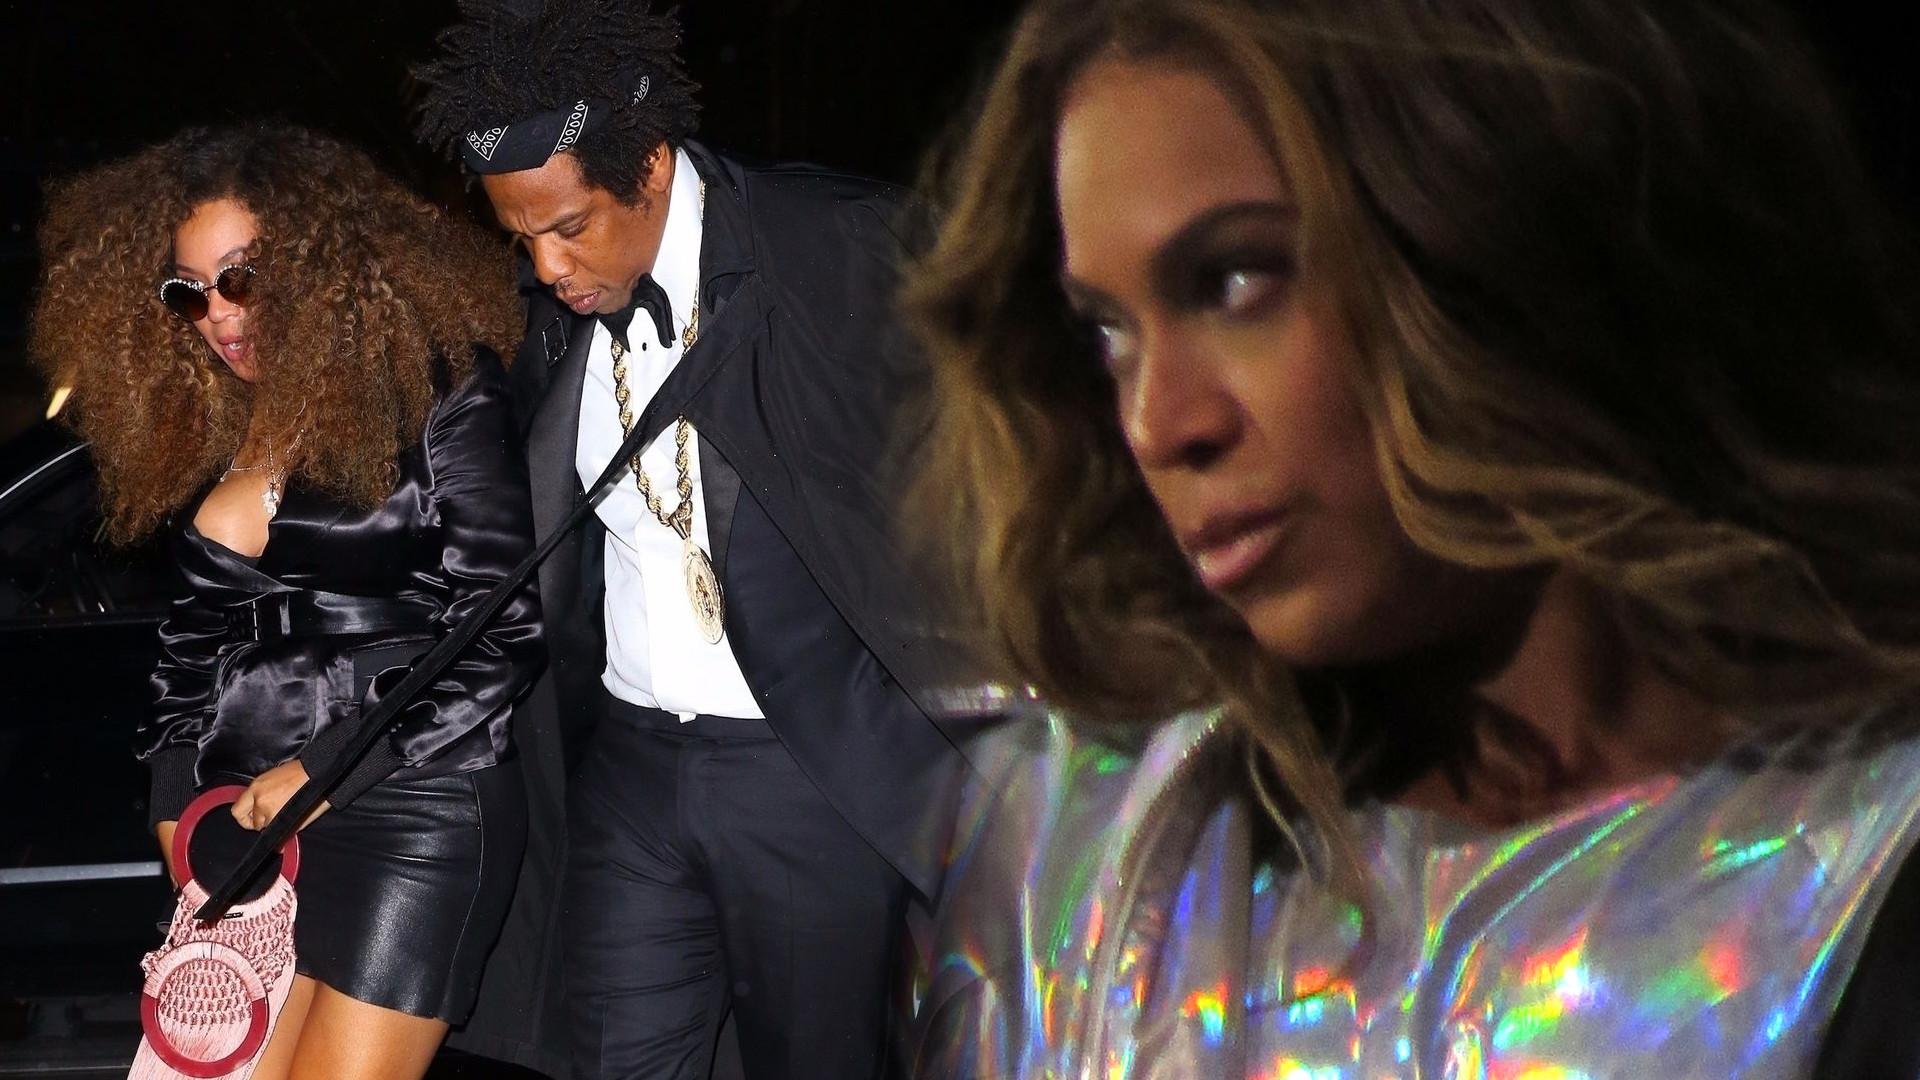 ZADARŁA z Beyonce! Dziewczyna rozmawiała z Jayem Z podczas meczu – zobaczcie REAKCJĘ Bee